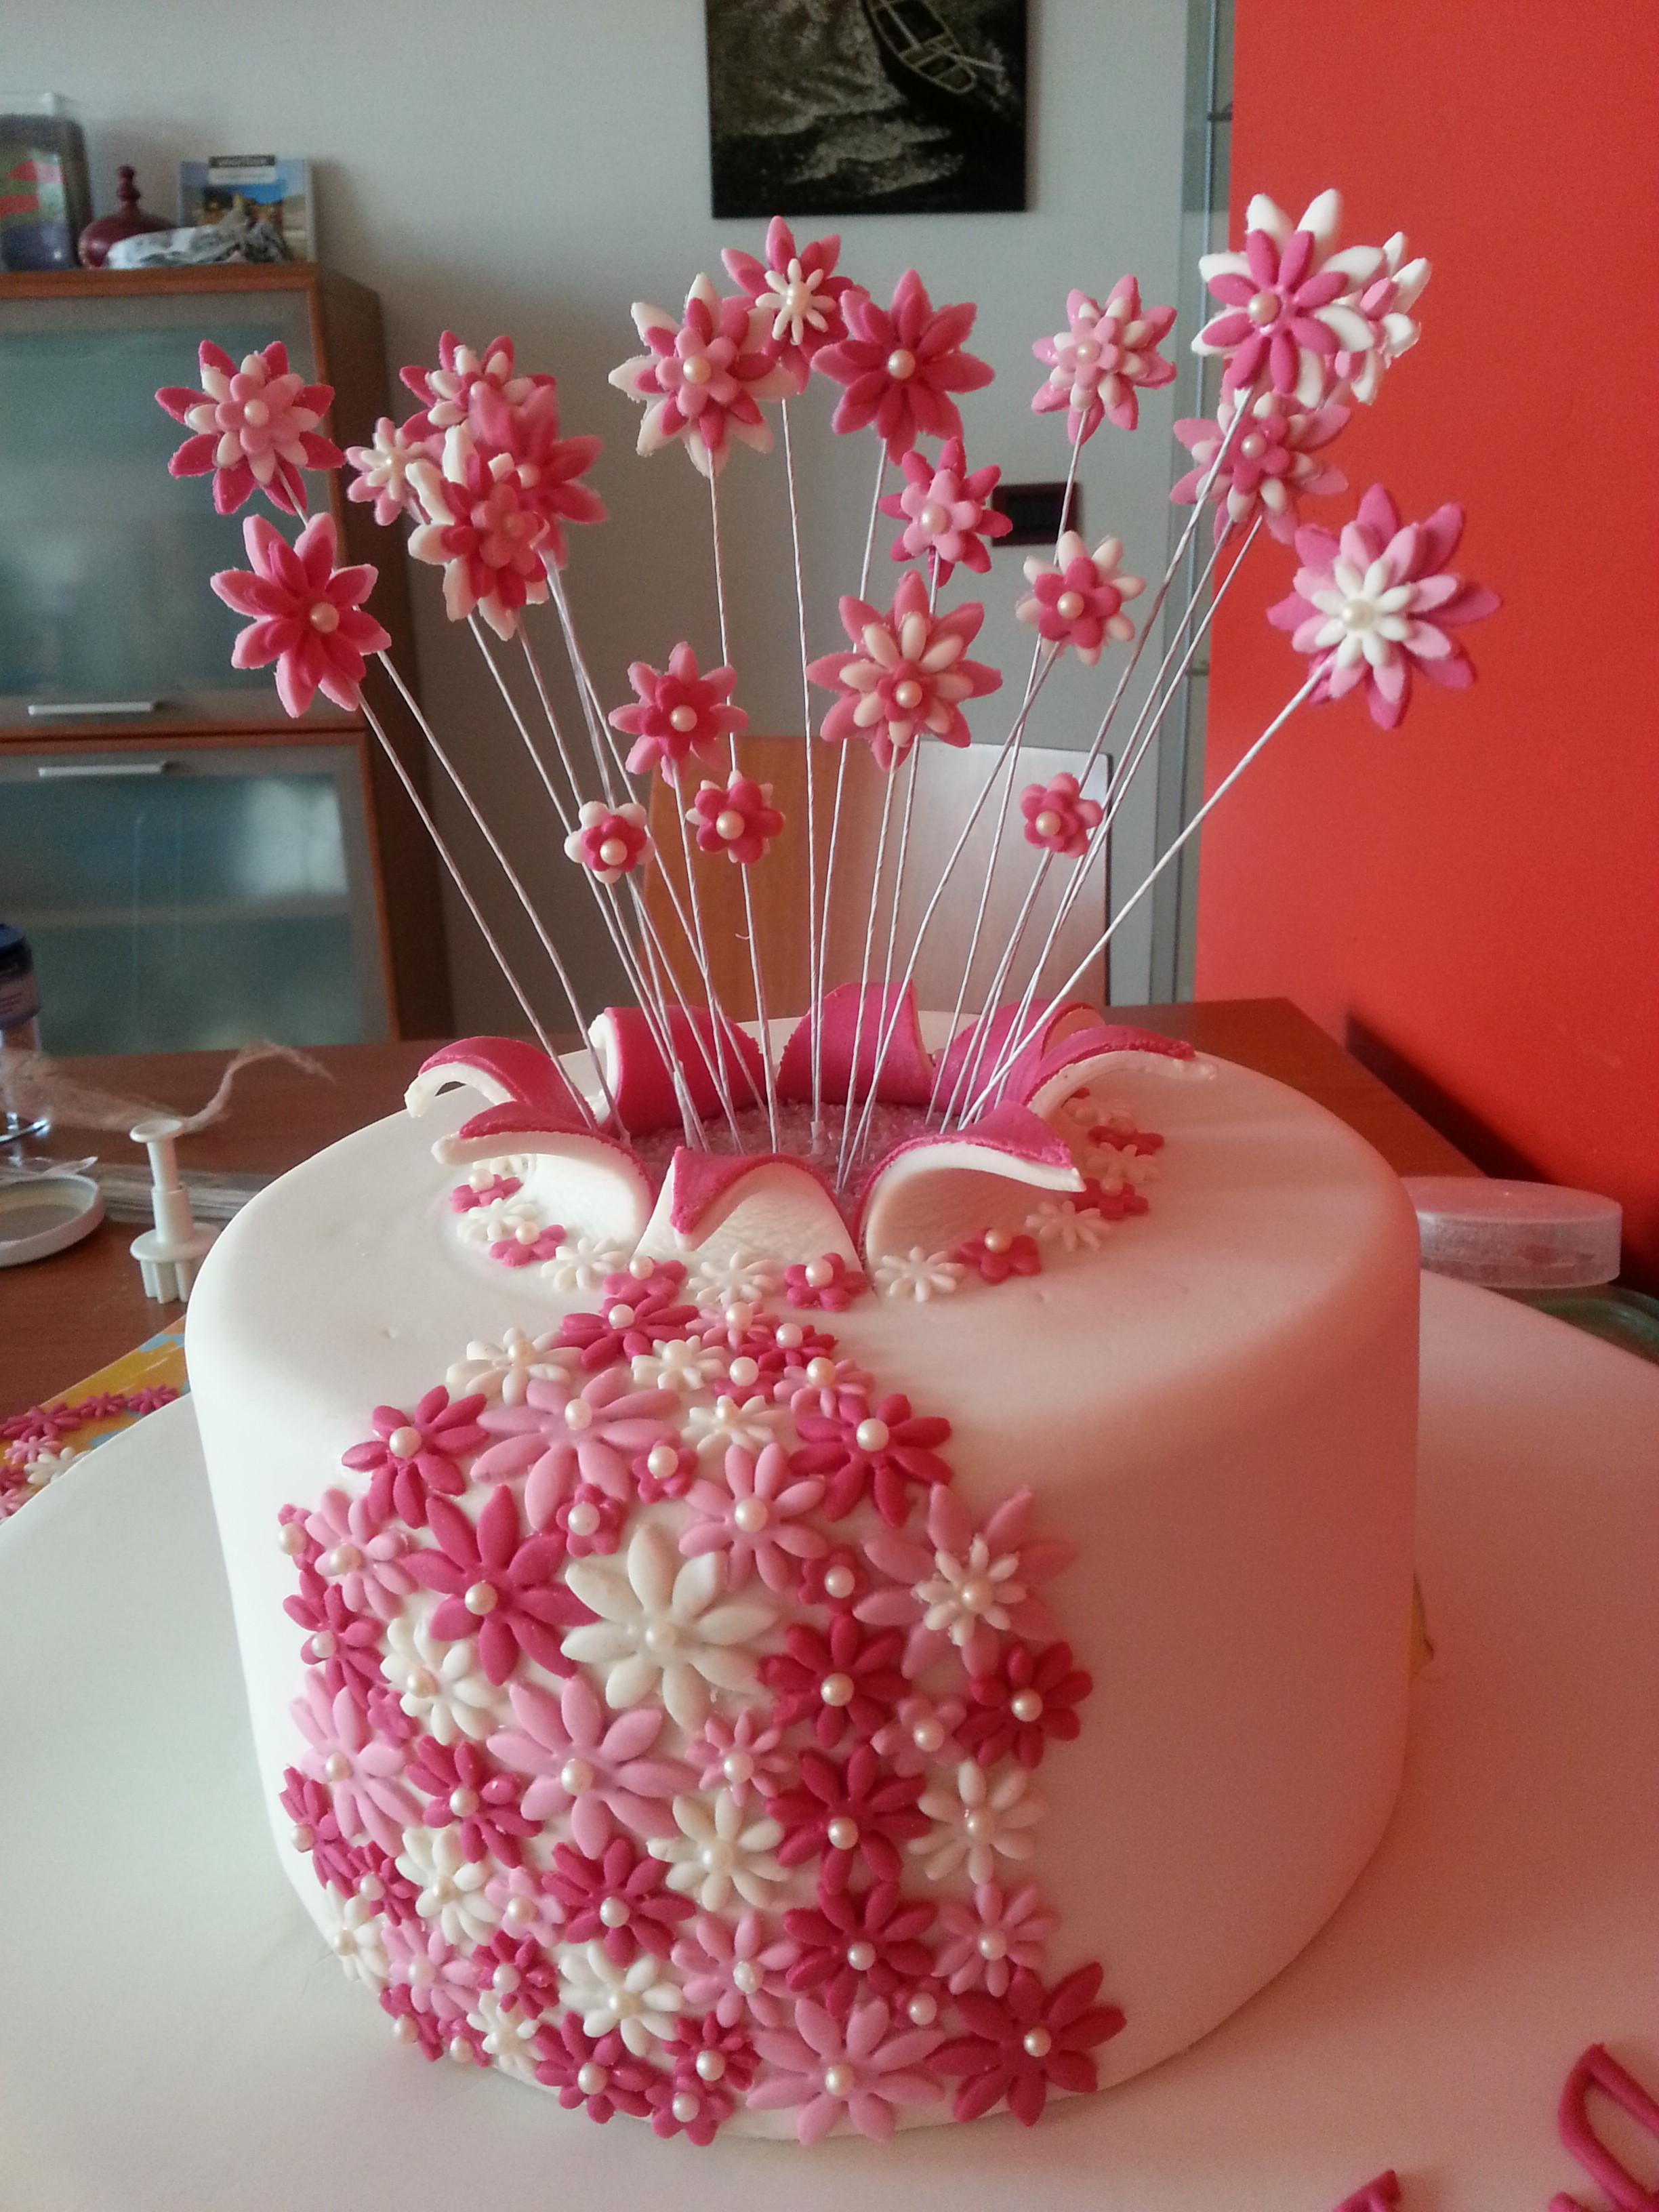 Torta esplosione di fiori cuginette sul g teau for Nuovi piani domestici con le foto